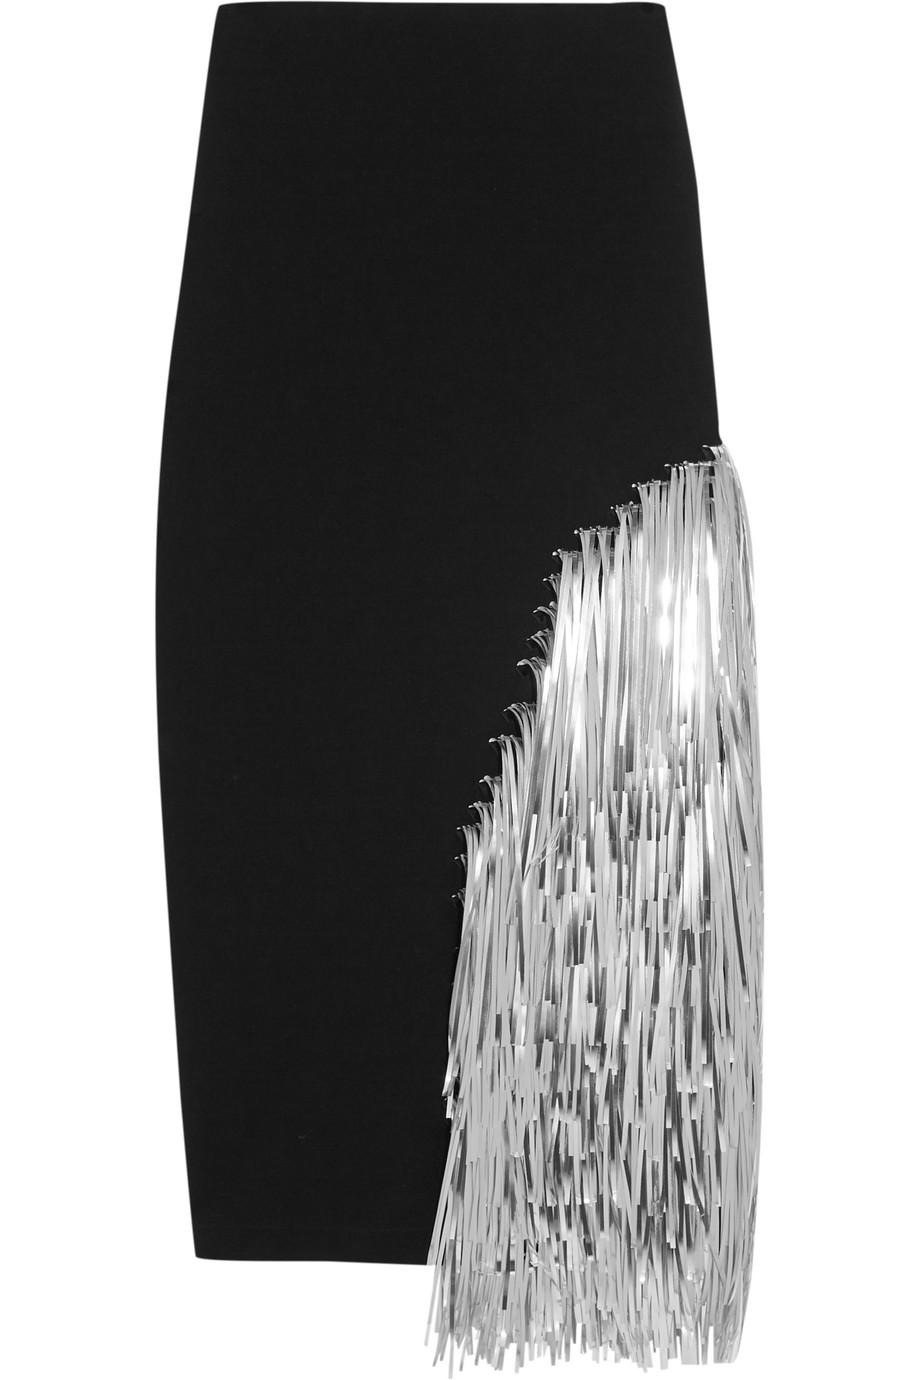 Loewe Metallic Fringed Jersey Skirt, Black/Silver, Women's, Size: 36